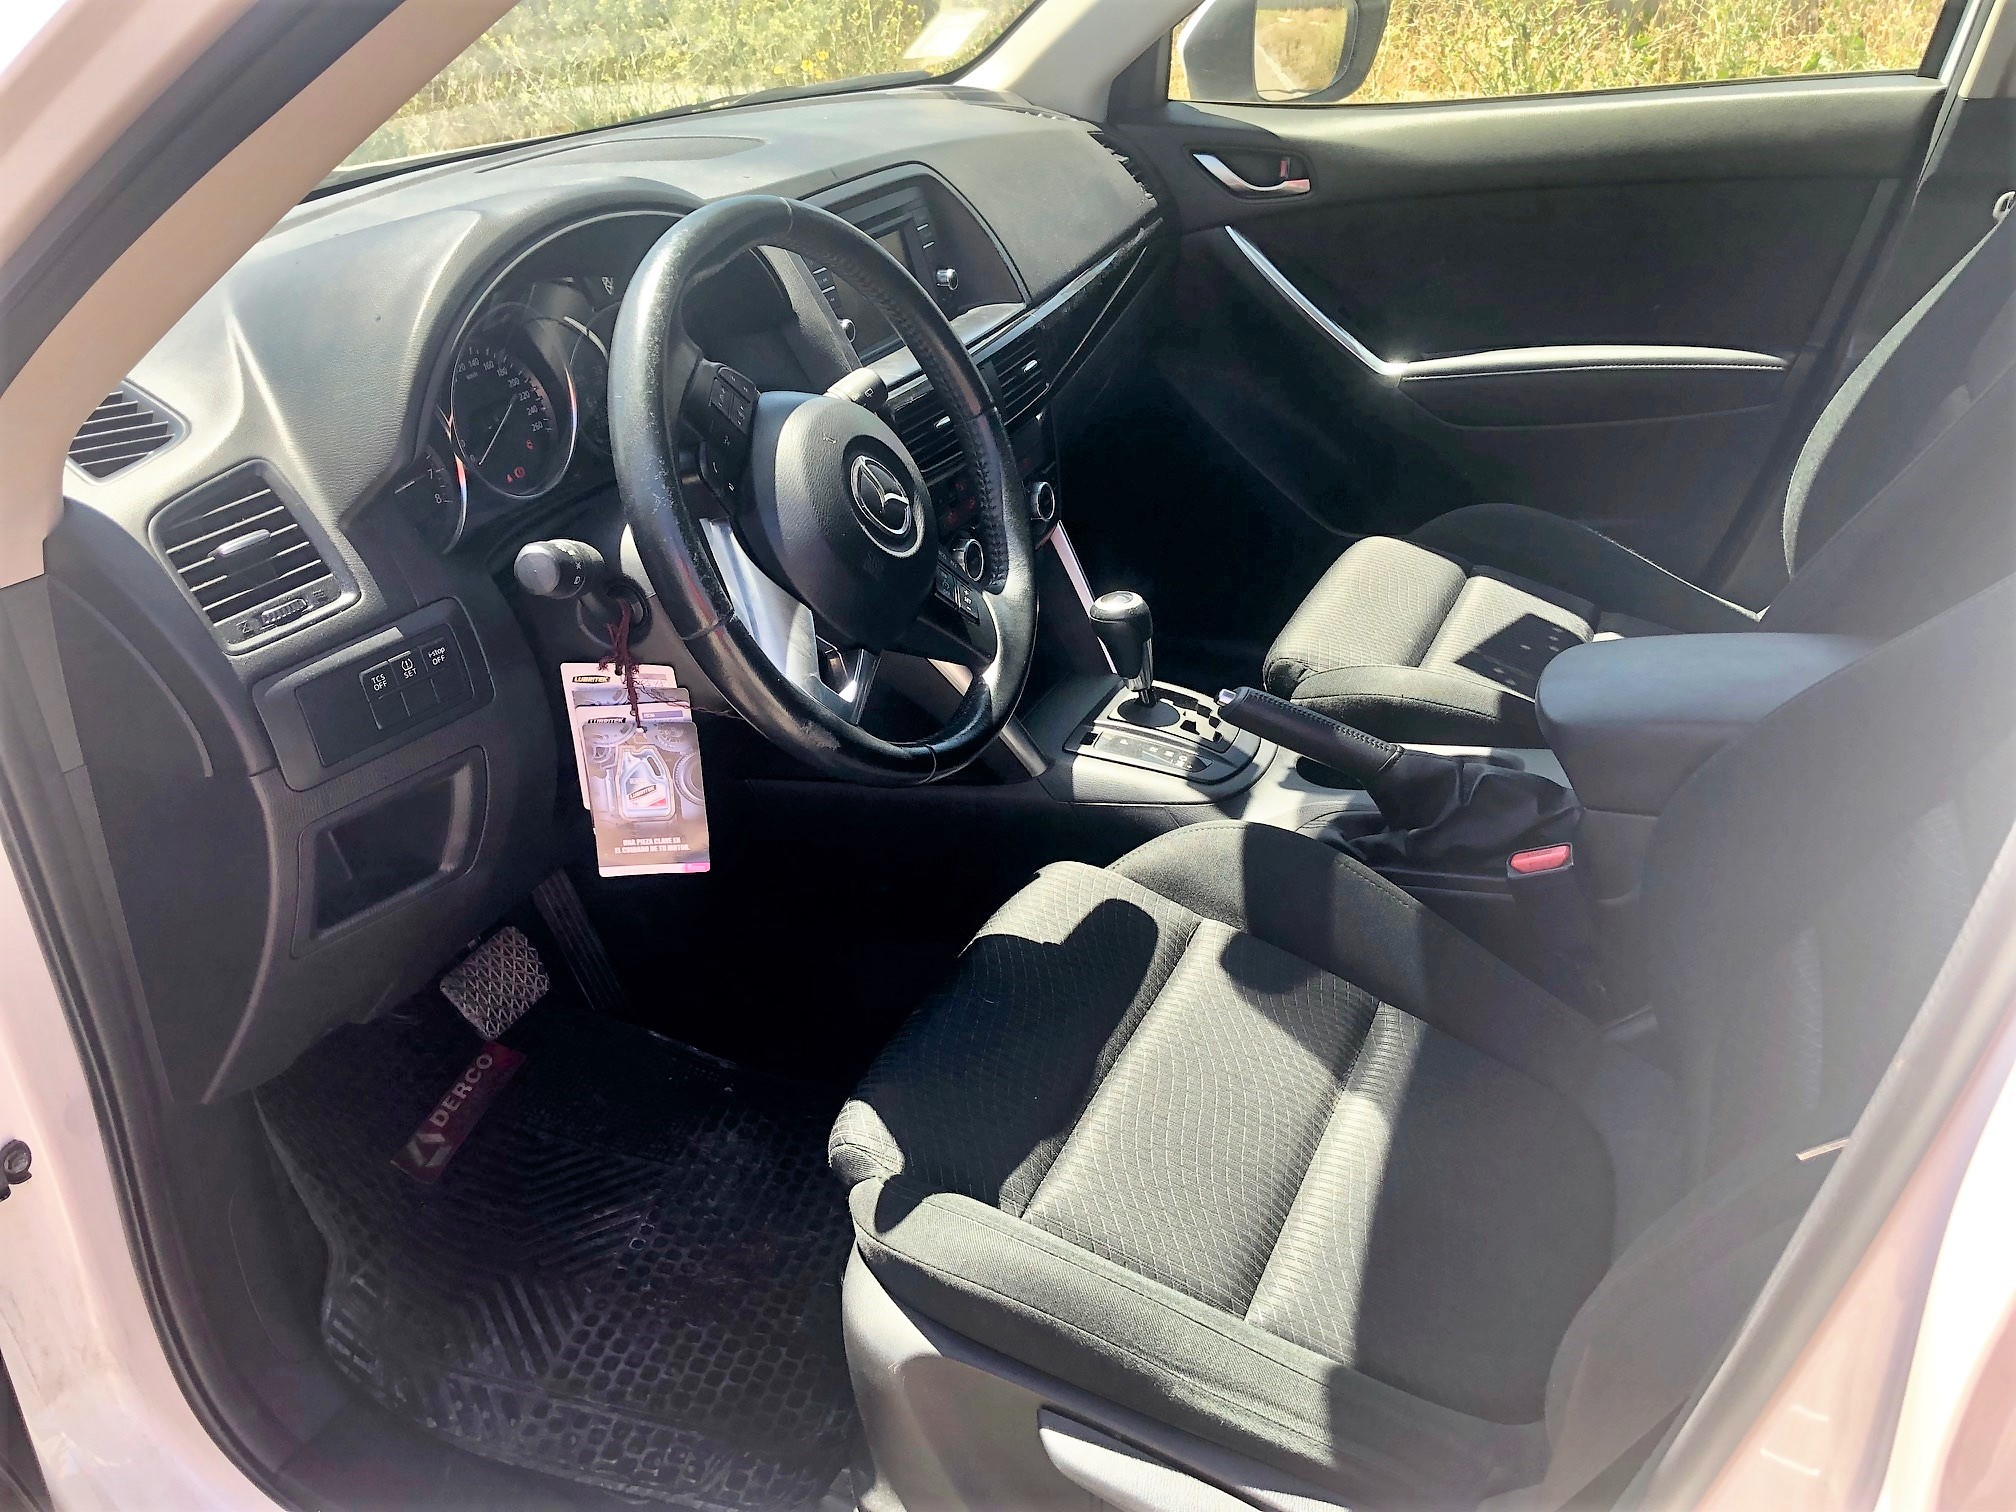 Mazda CX-5 Autómatico 4x2 año 2014